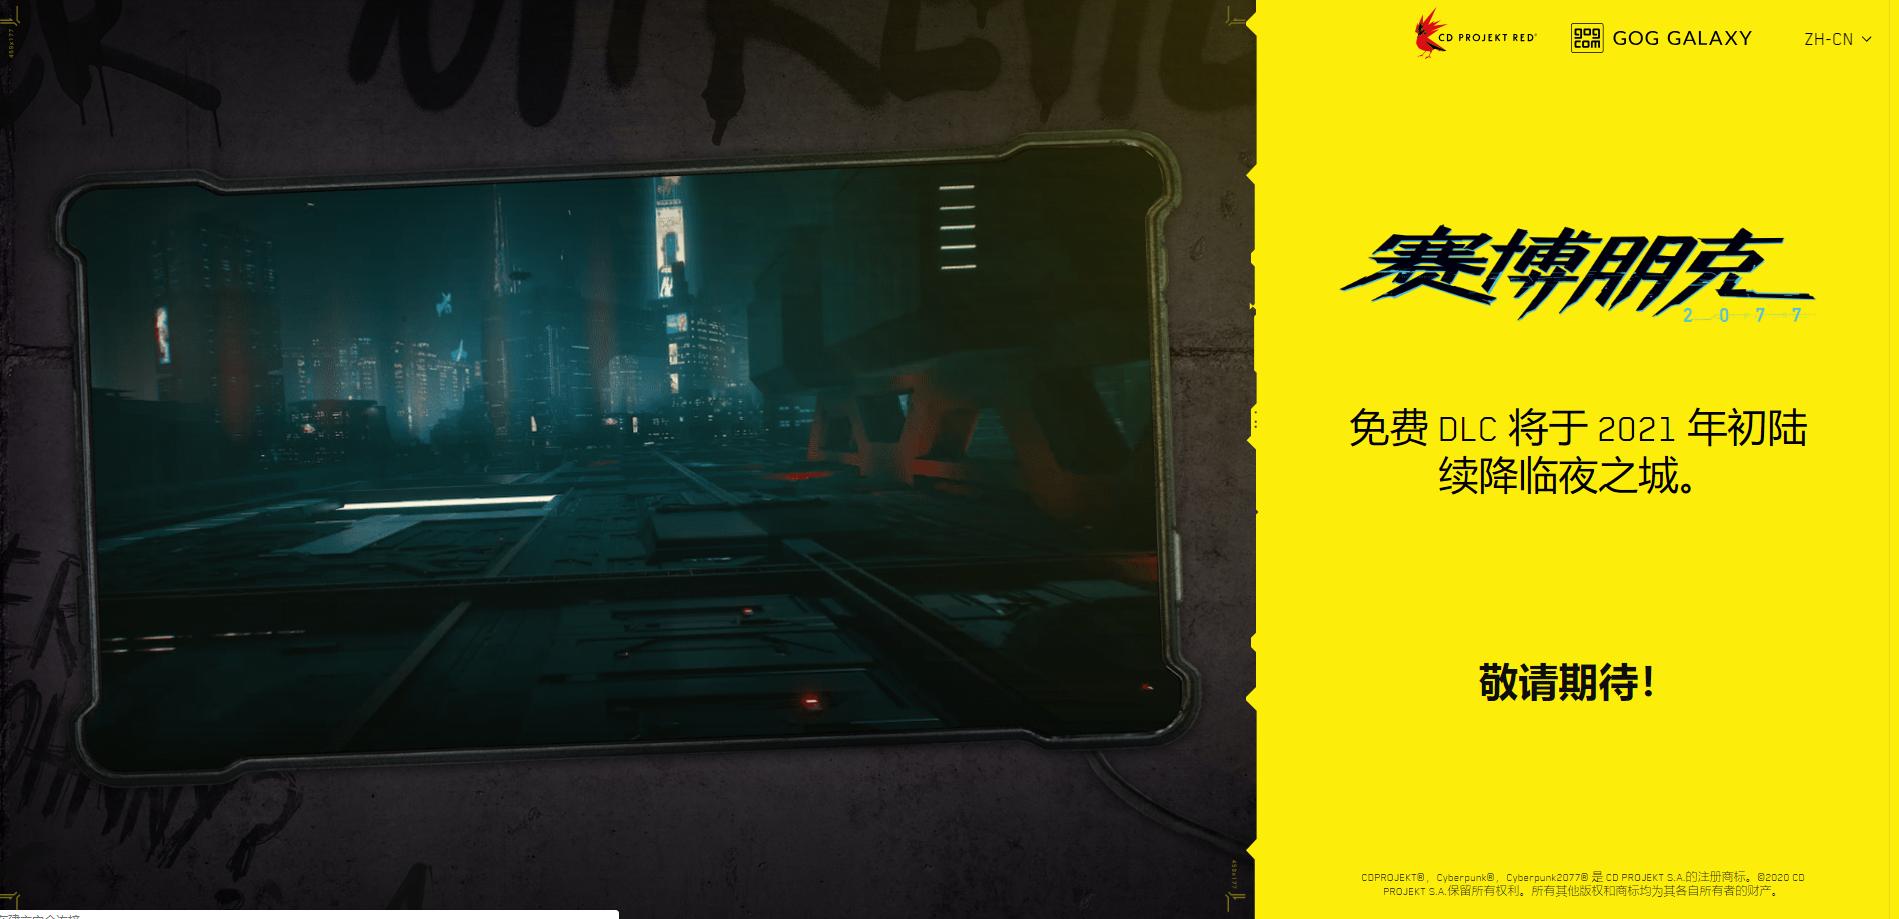 《赛博朋克2077》官网显示:免费DLC将于明年初陆续推出!